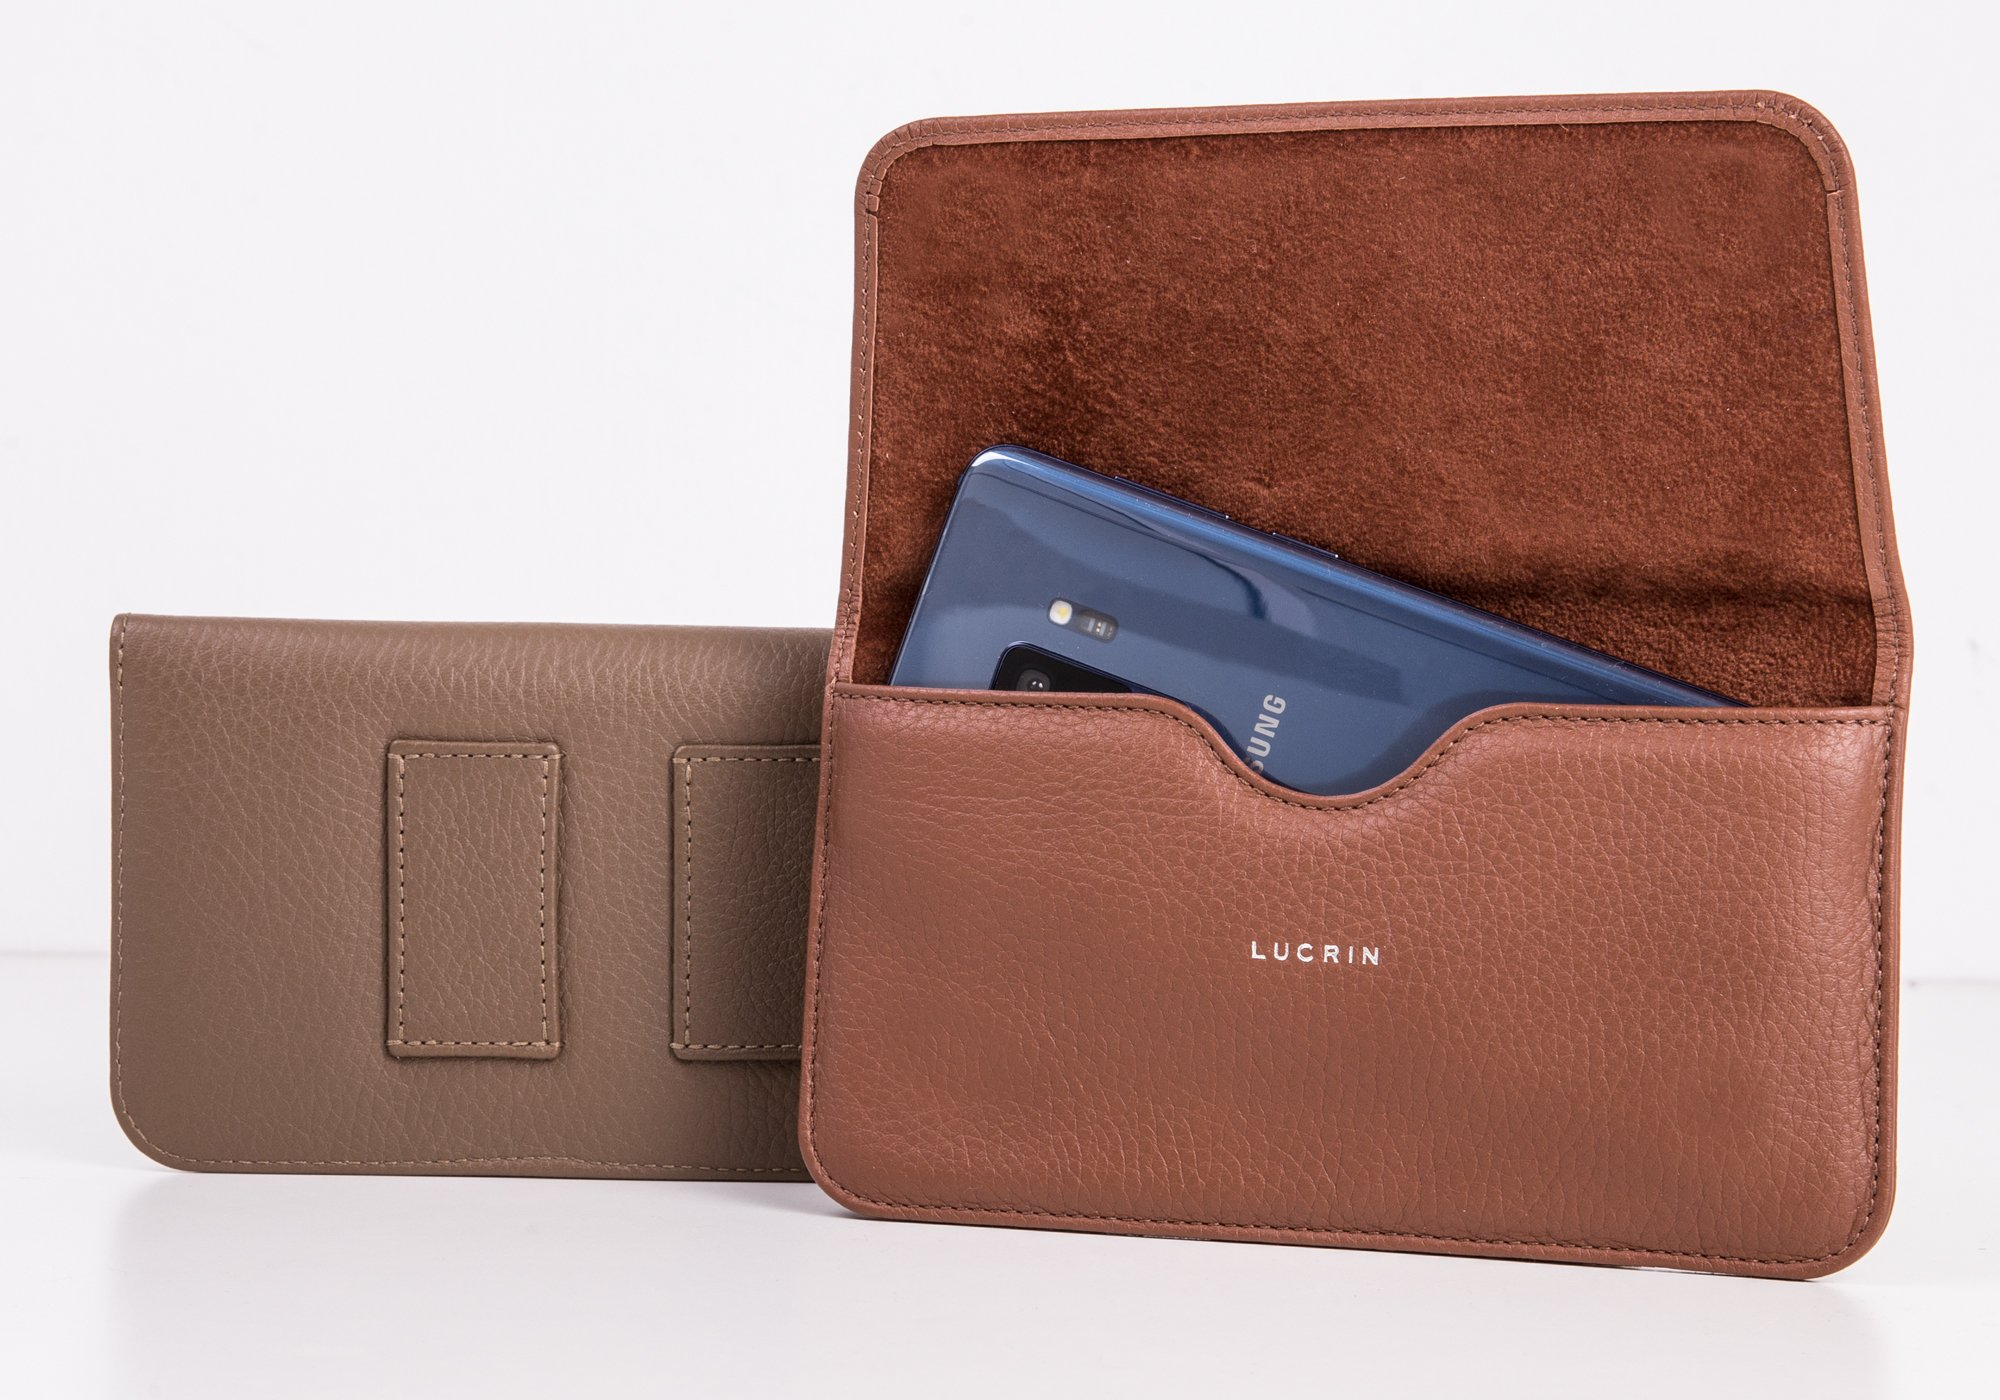 Étui ceinture pour Samsung Galaxy S9 771b725b735